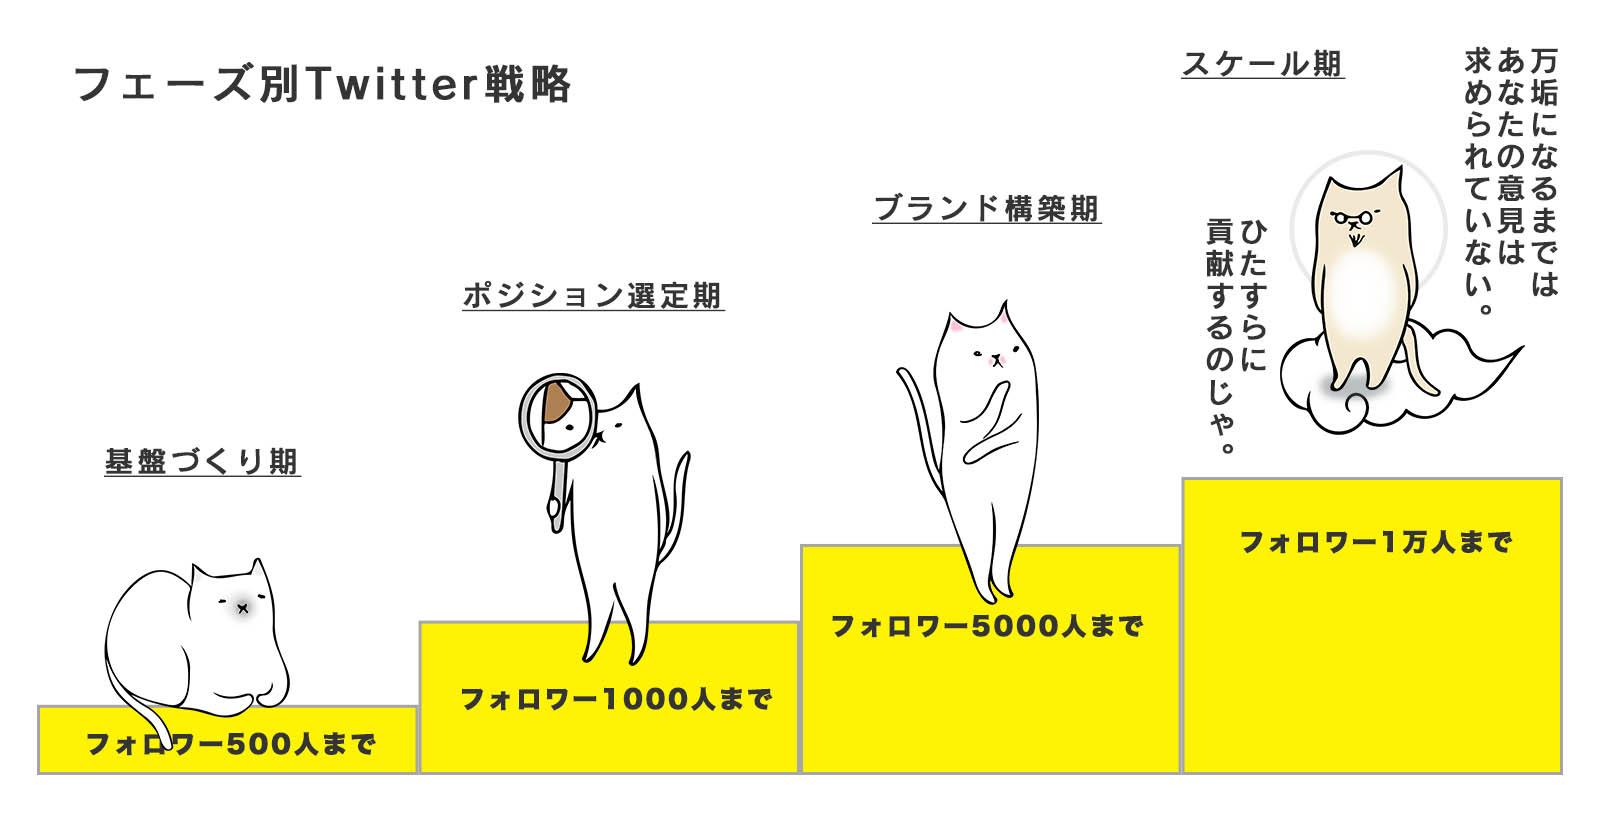 Twitterフェーズ別戦略